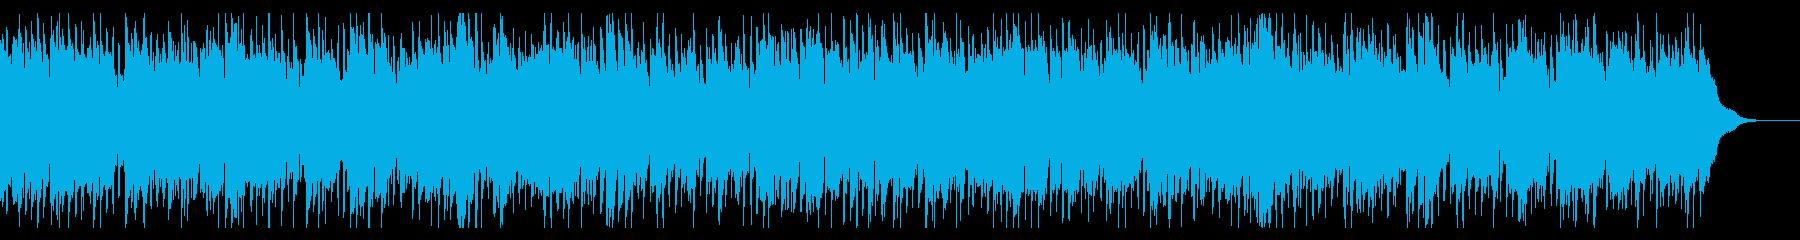 生音アコギメロの切ないフォークポップの再生済みの波形